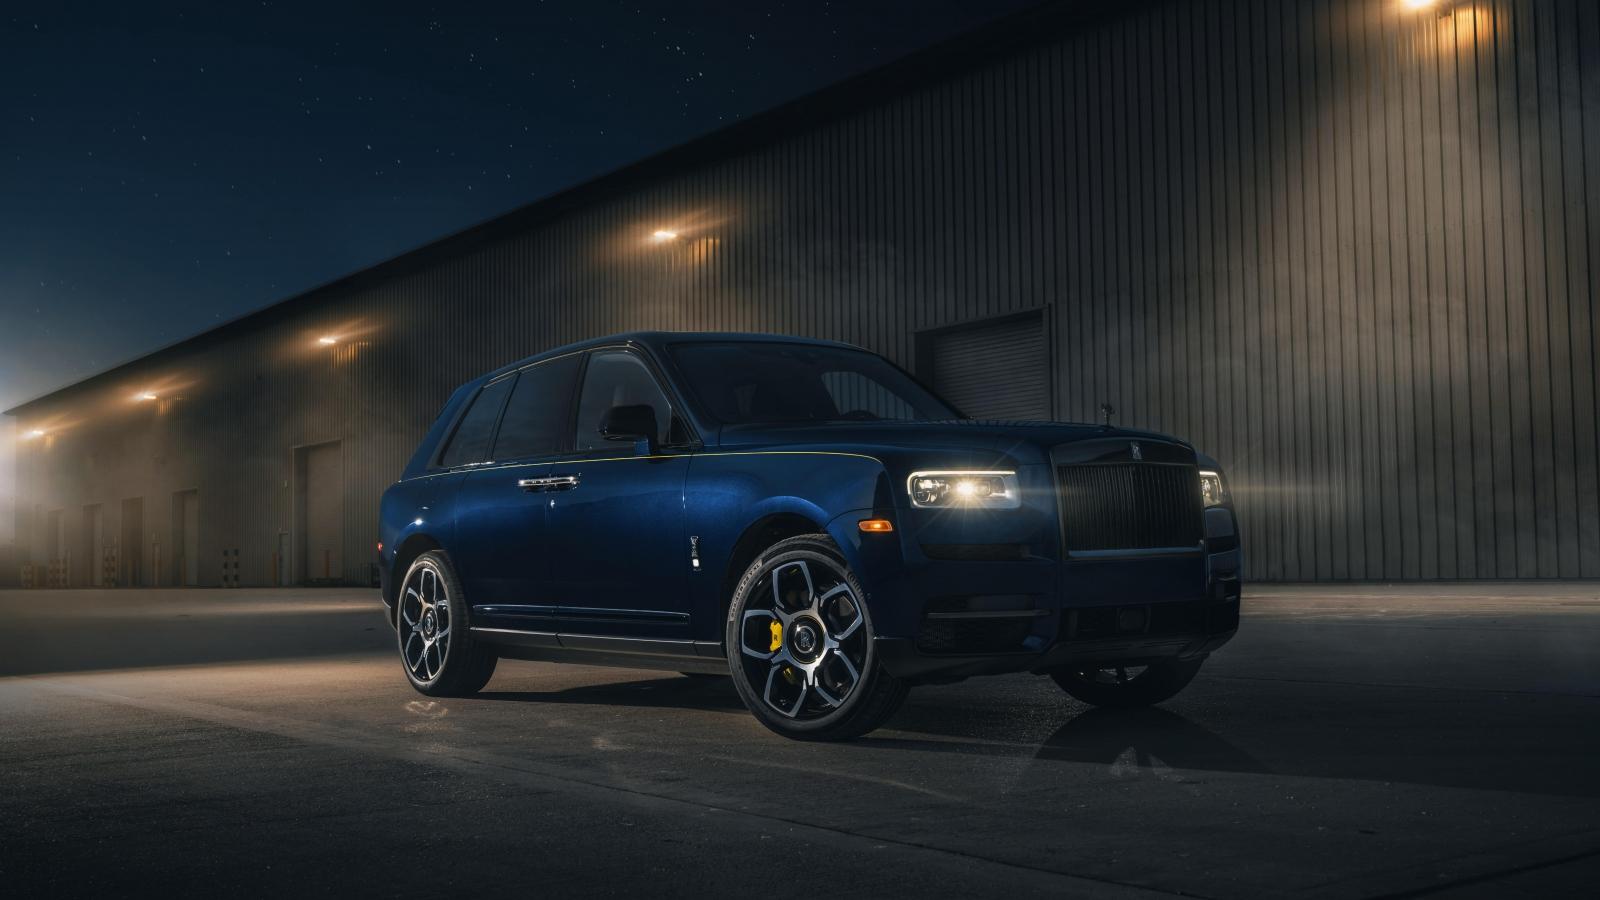 Ngắm Rolls-Royce Cullinan bản cá nhân hóa với màu sơn Pikes Peak Blue